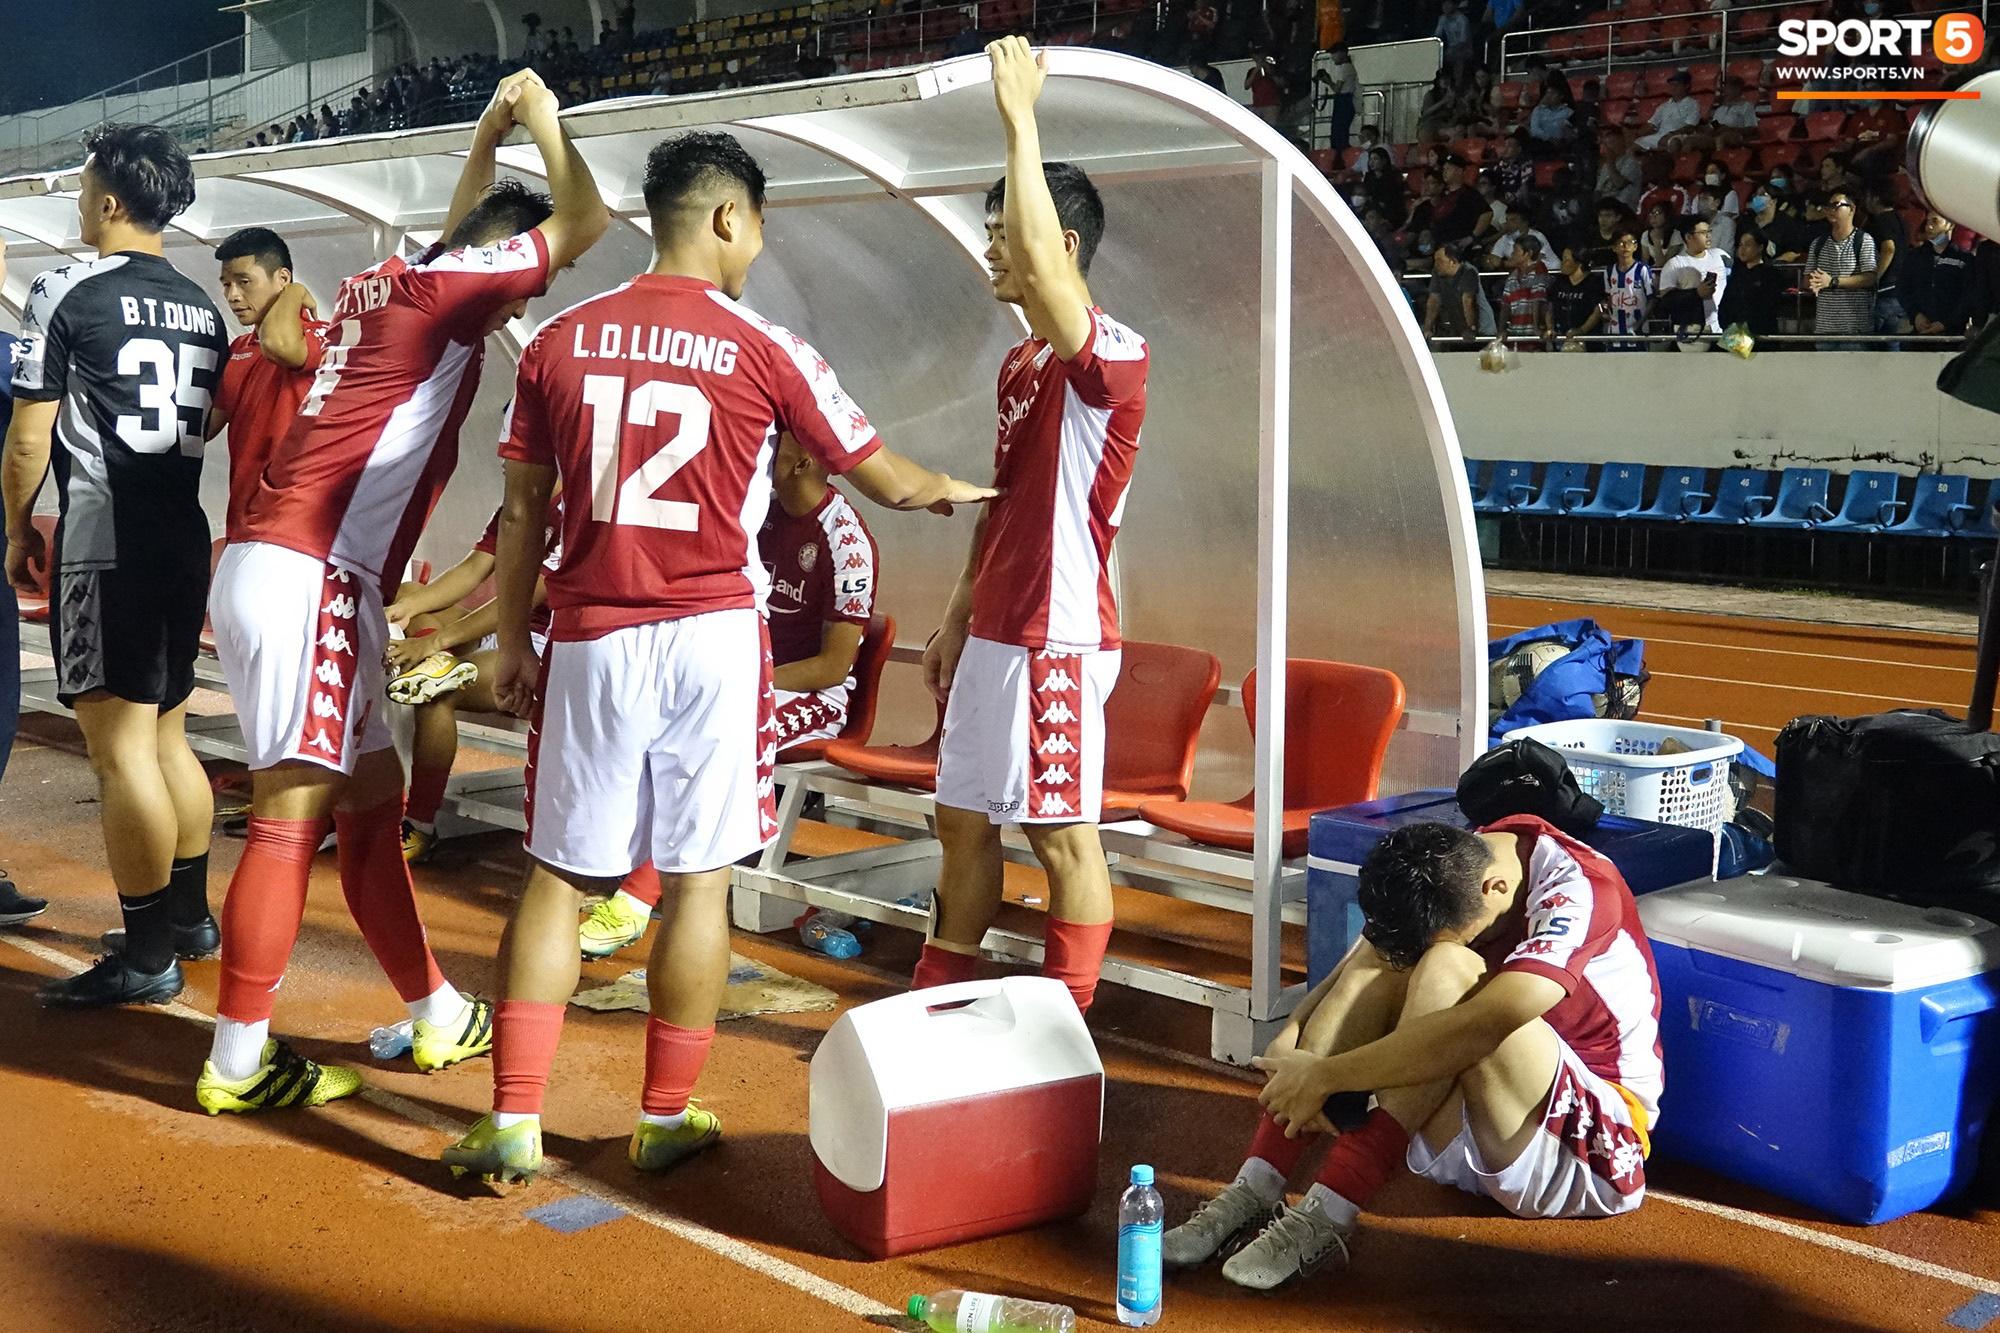 Thót tim với tình huống cựu tuyển thủ U23 Việt Nam nằm gục xuống sân ngay khi được thay ra - Ảnh 8.